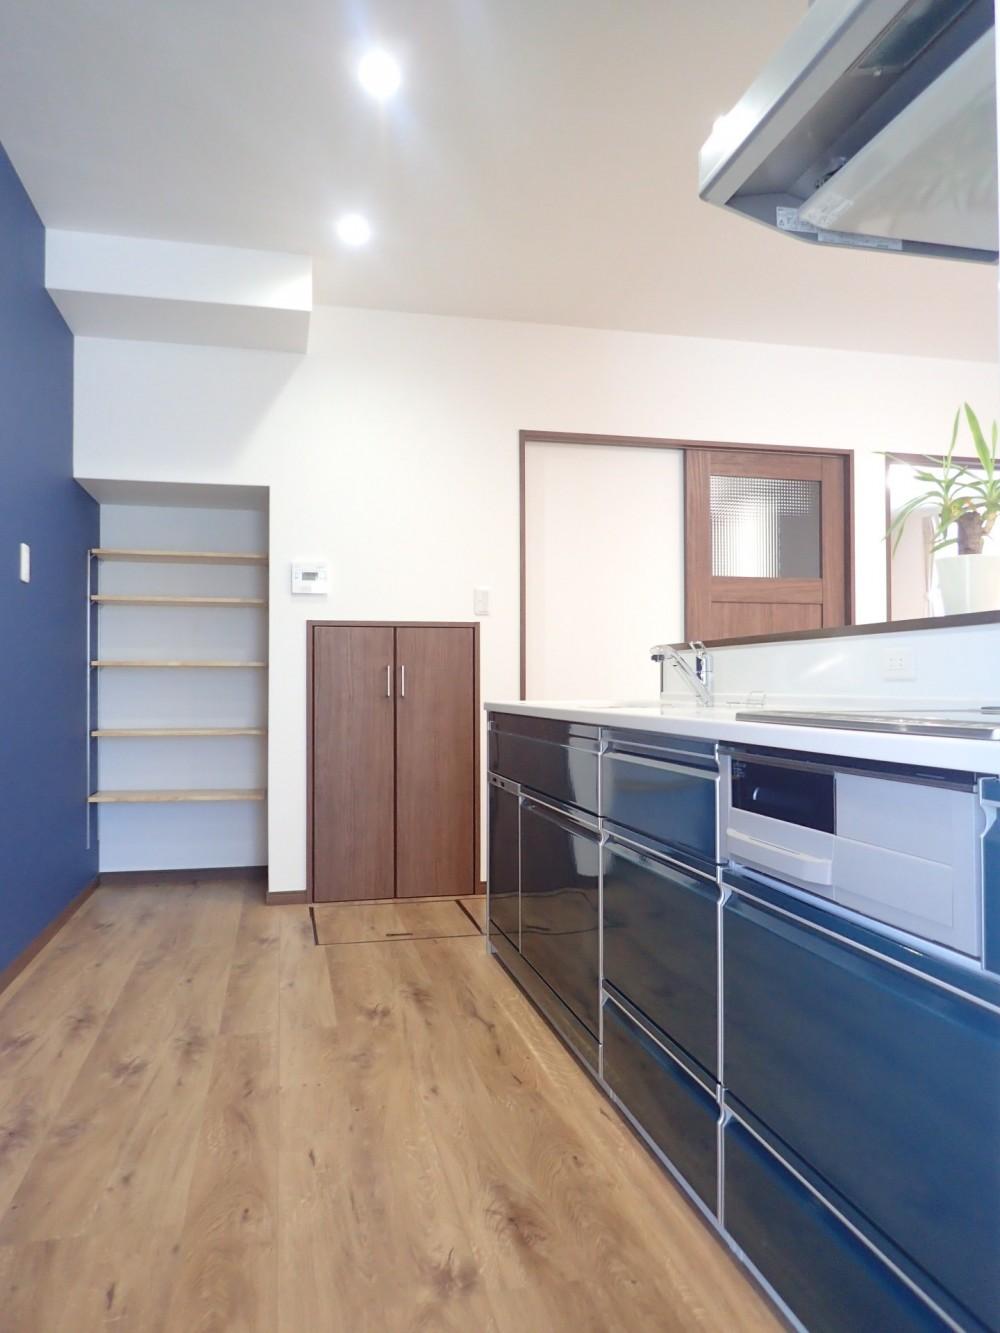 家族3世帯で暮らすみんなが住みやすい家 (キッチン)